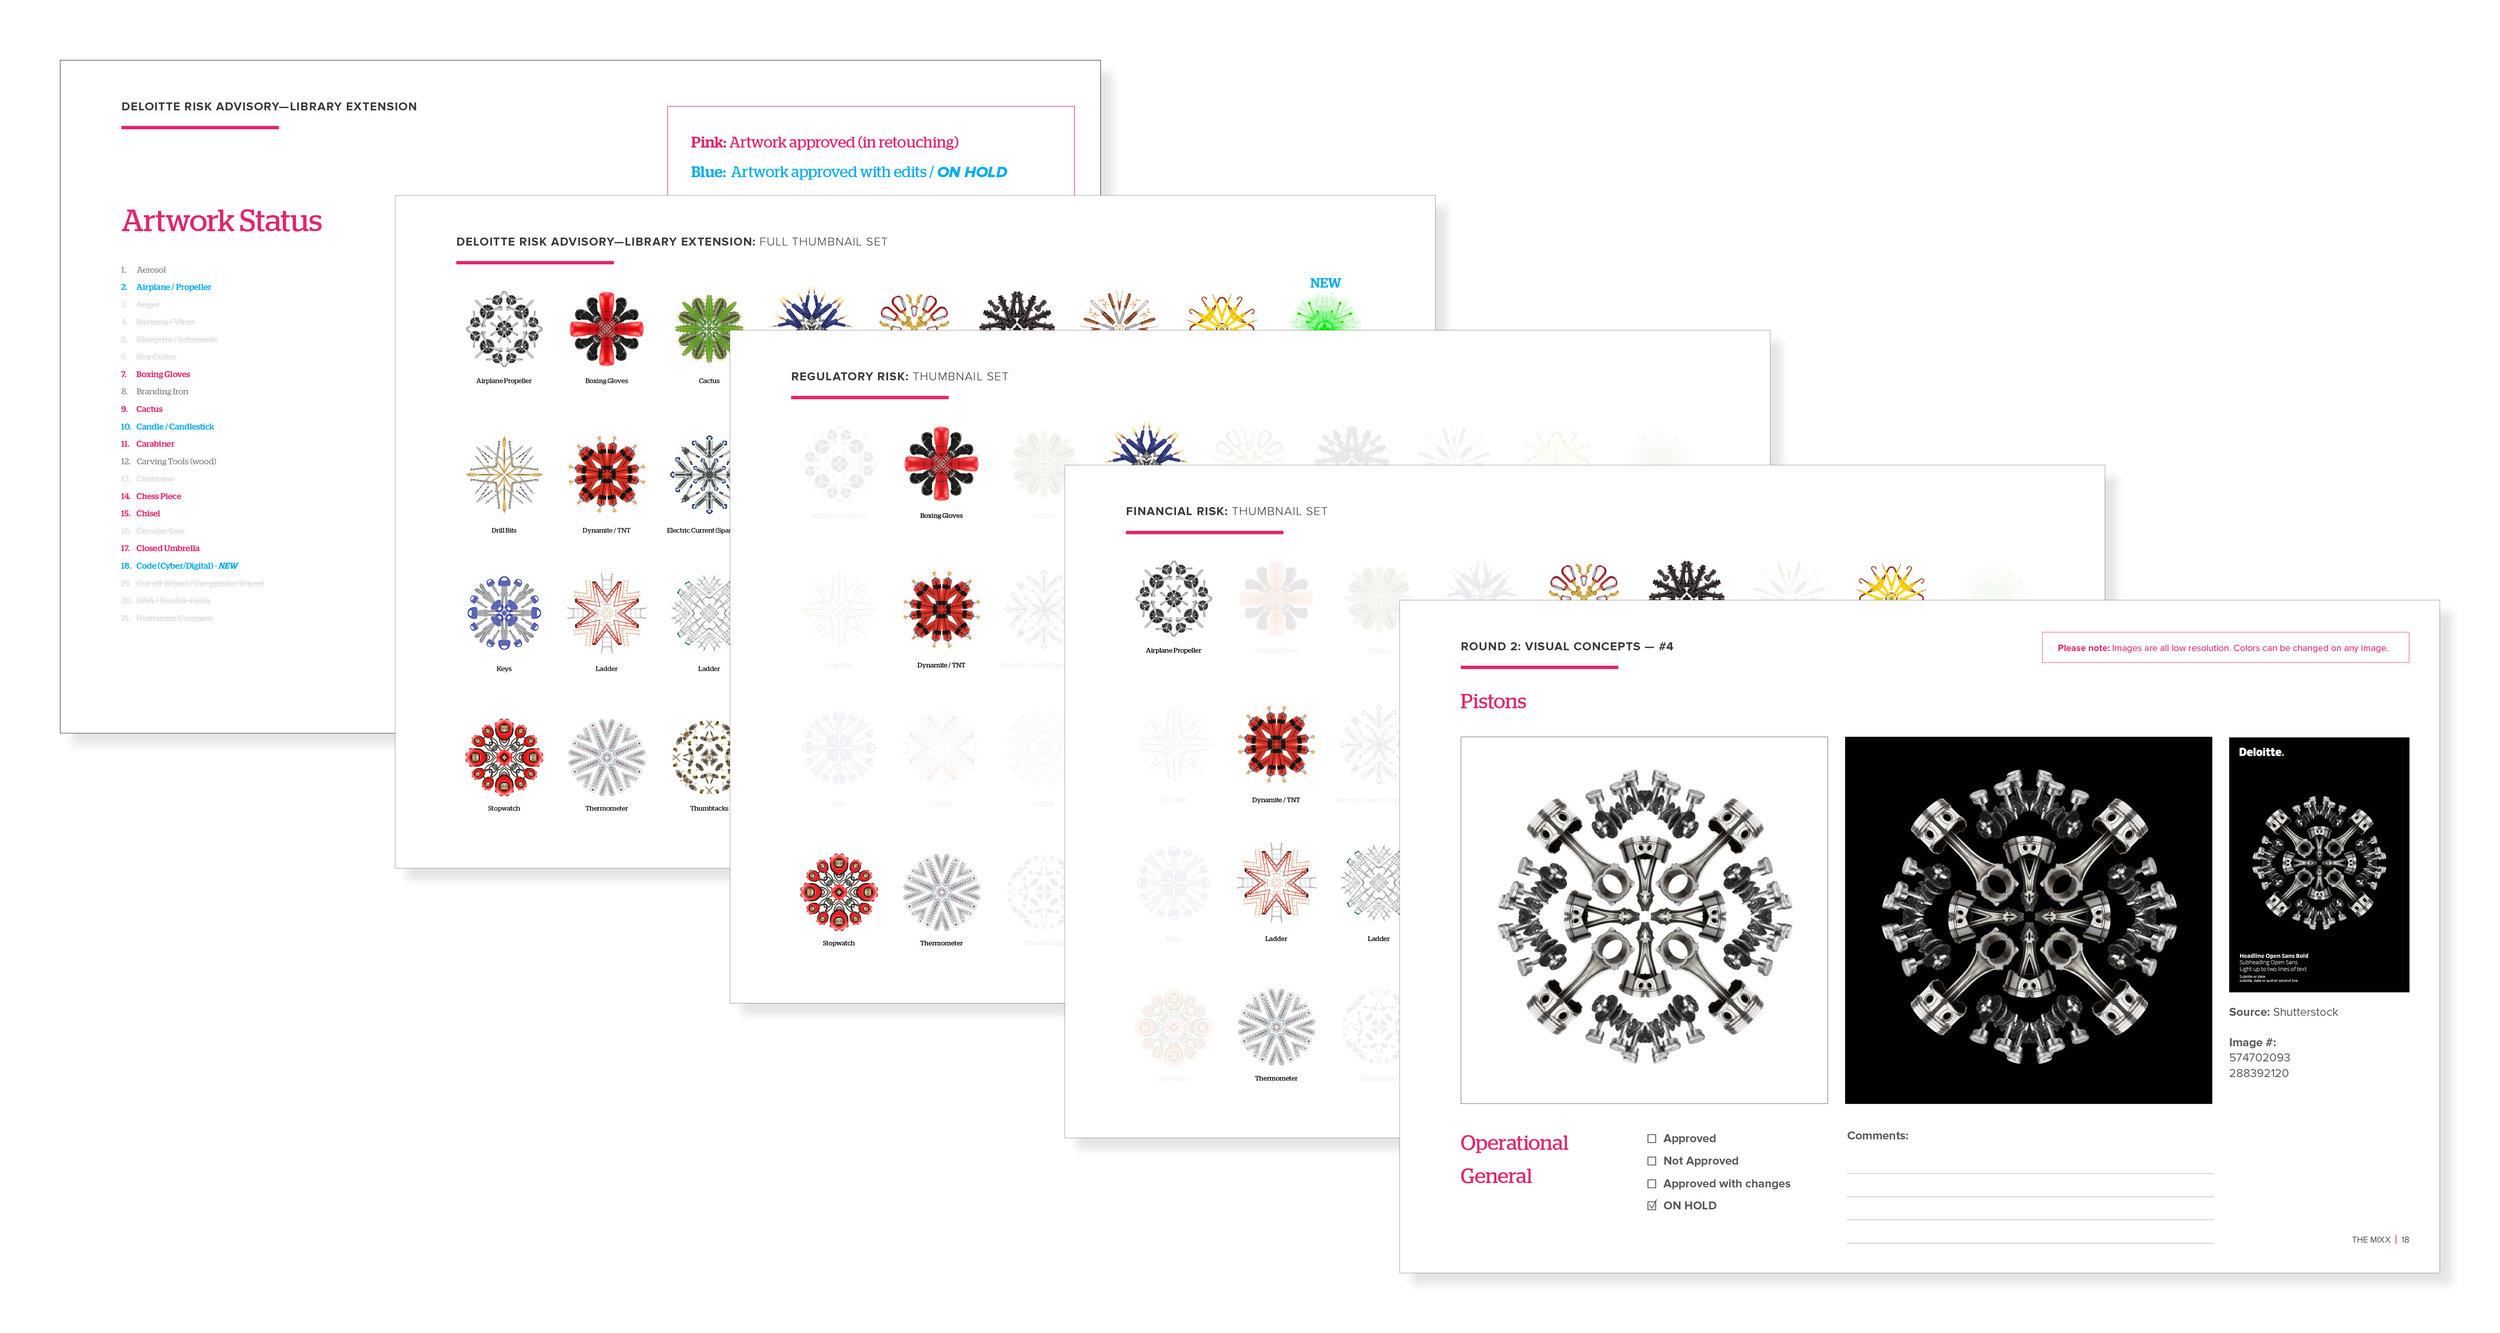 Gallery mashups_Deloitte_v2 copy.jpg